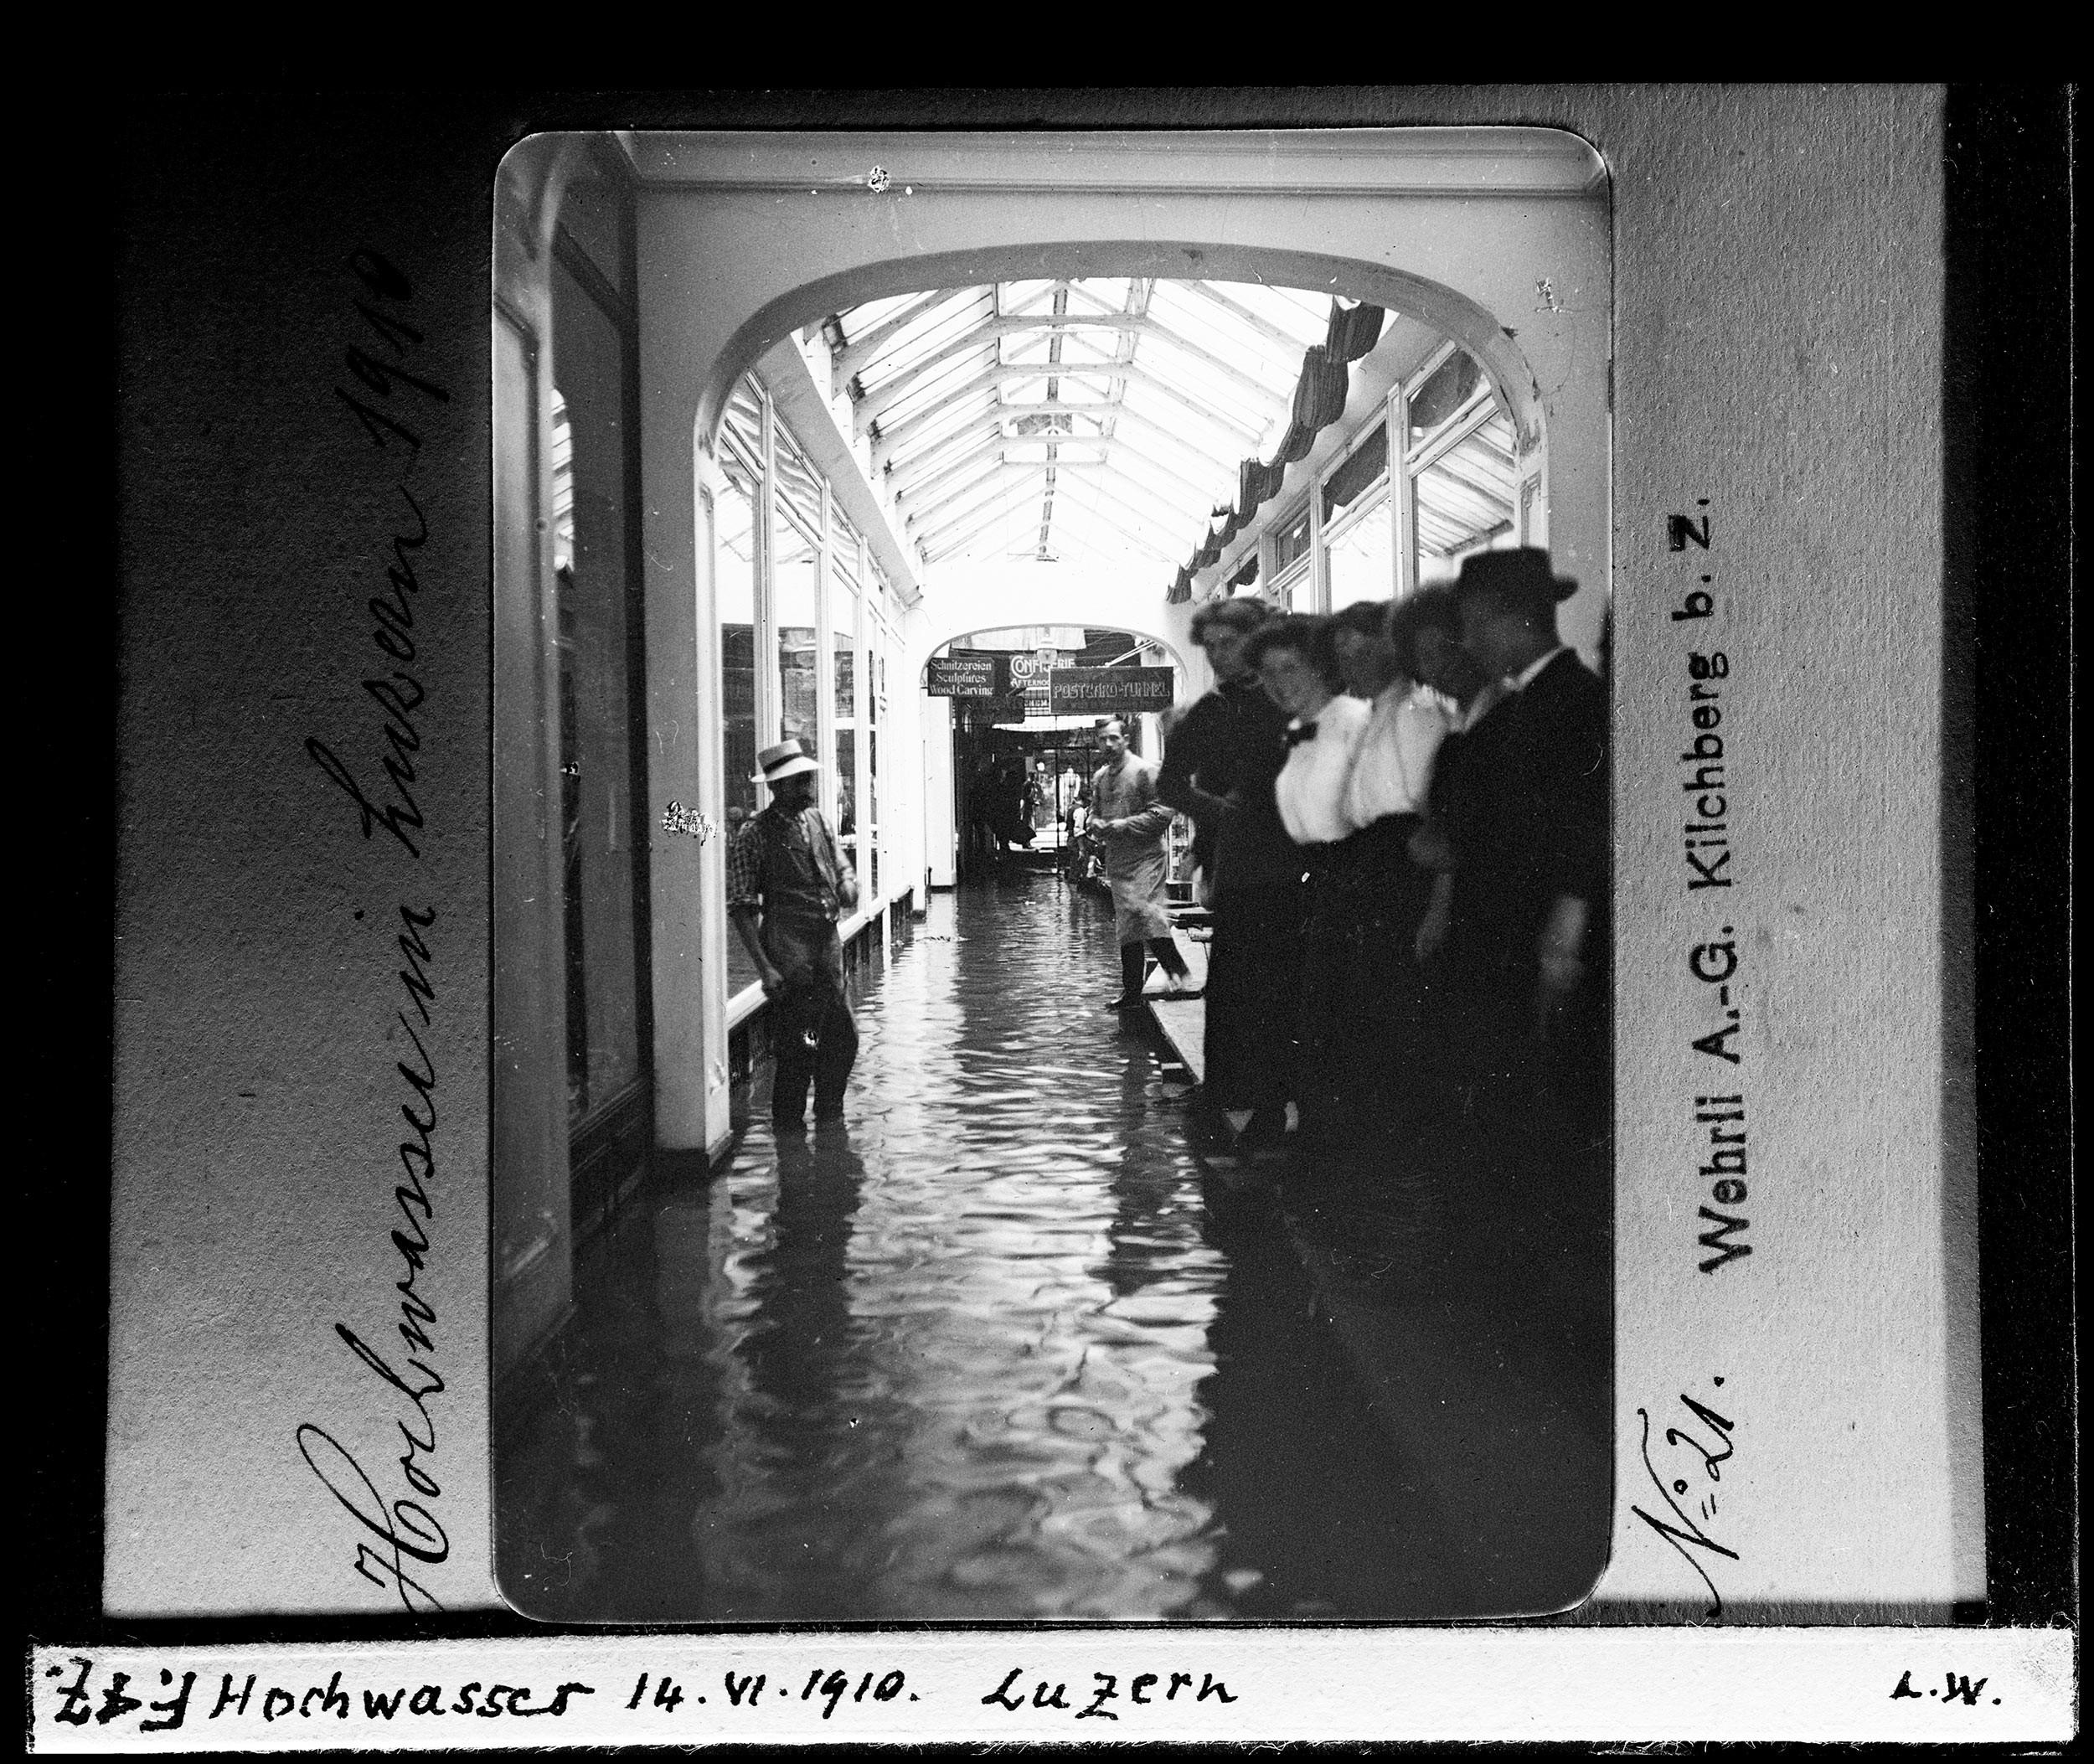 Hochwasser im Juni 1910, Luzern